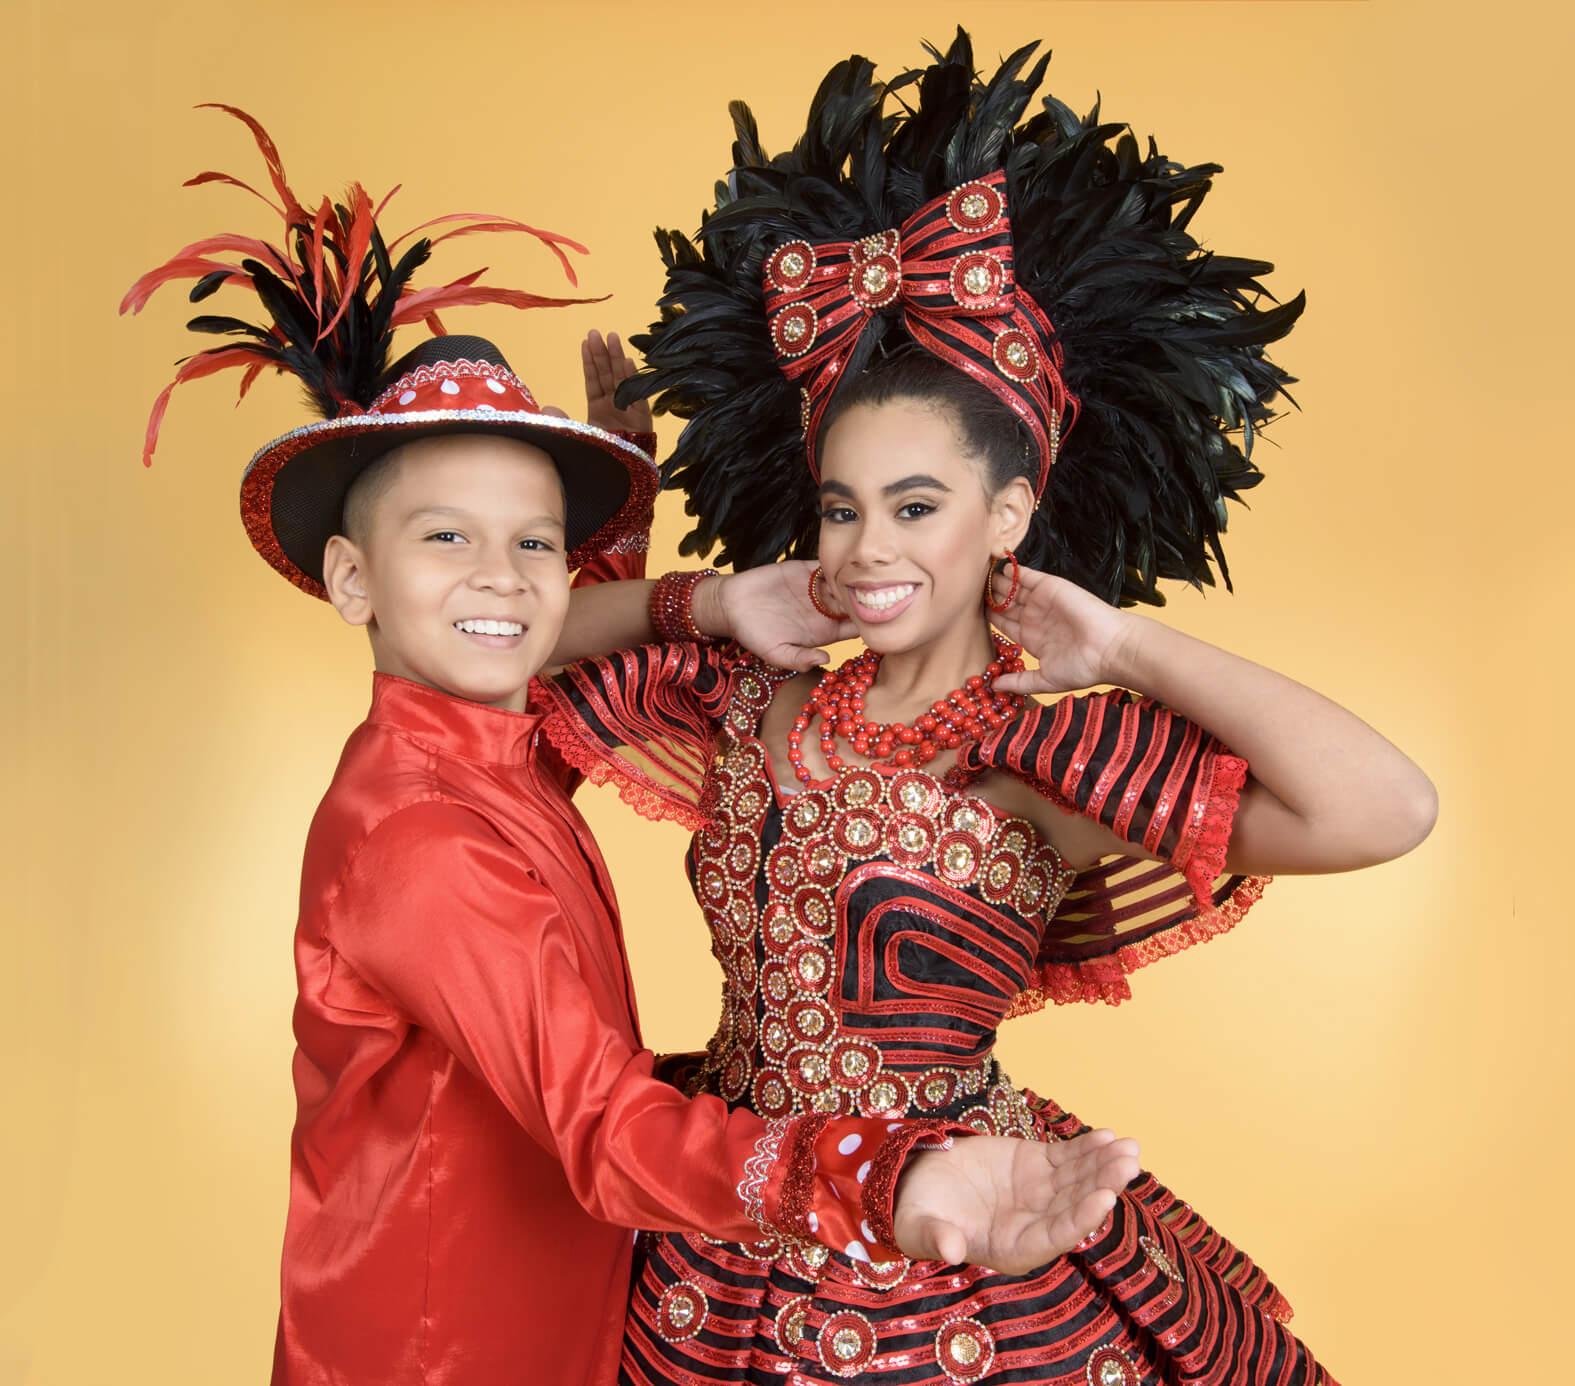 Isabella y Cesar llevan el Carnaval de los Niños a Houston, para promover la tradición